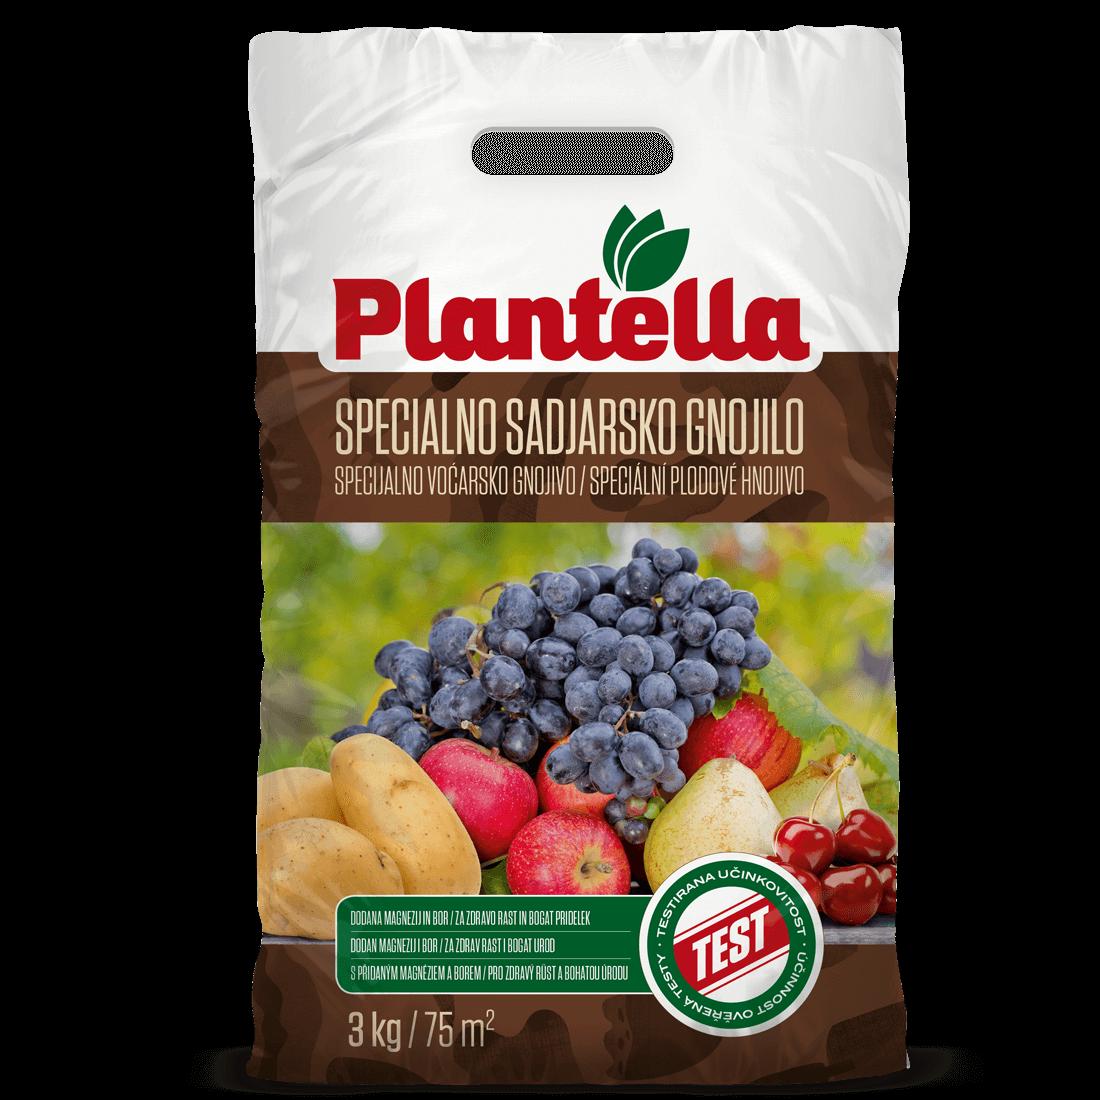 Plantella_Specialno-sadjarsko-gnojilo_3kg_SI-HR-CZ